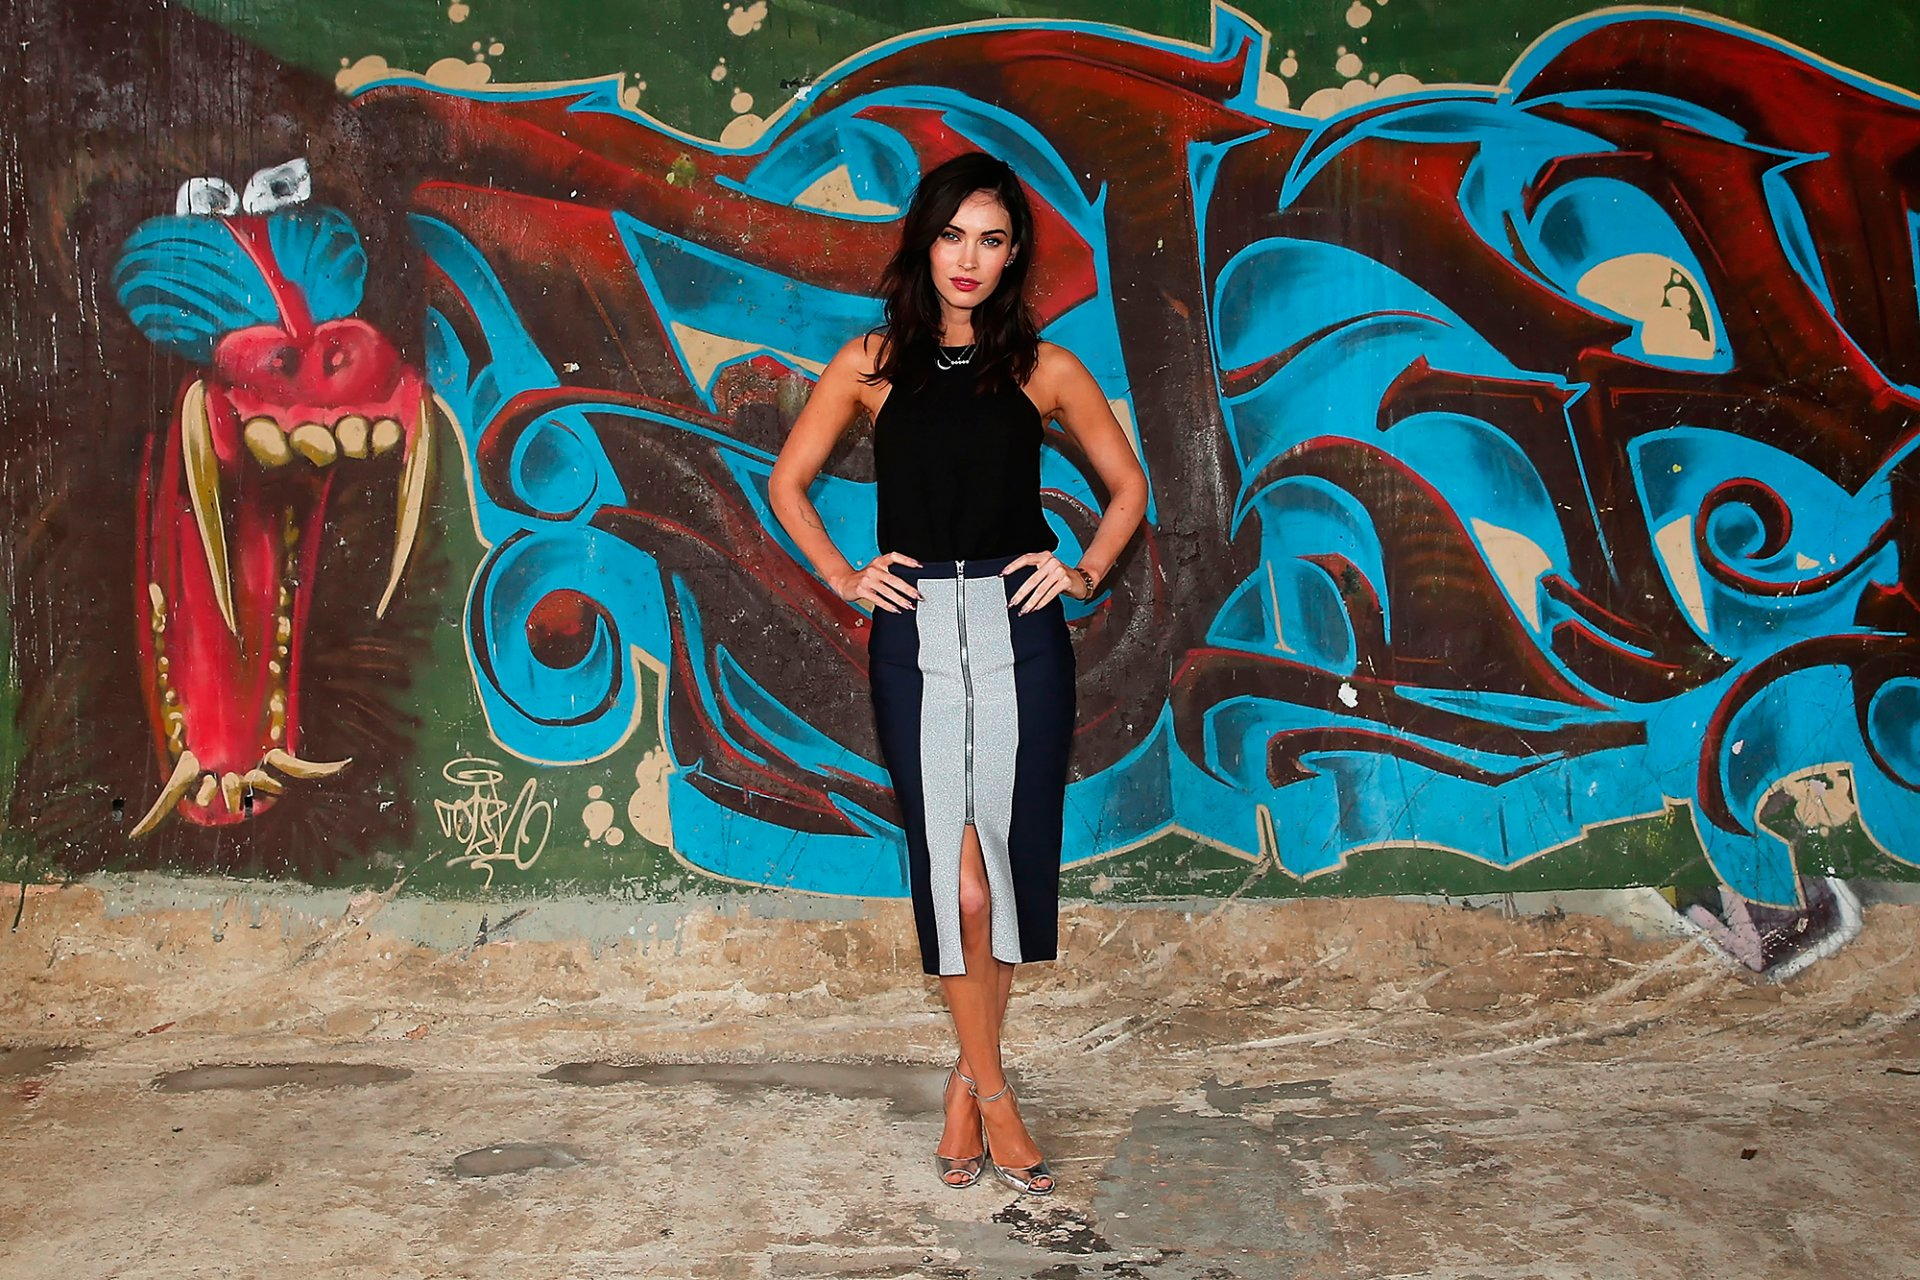 Photographer: Akila Berjaoui Zach for Venroy. Sydney